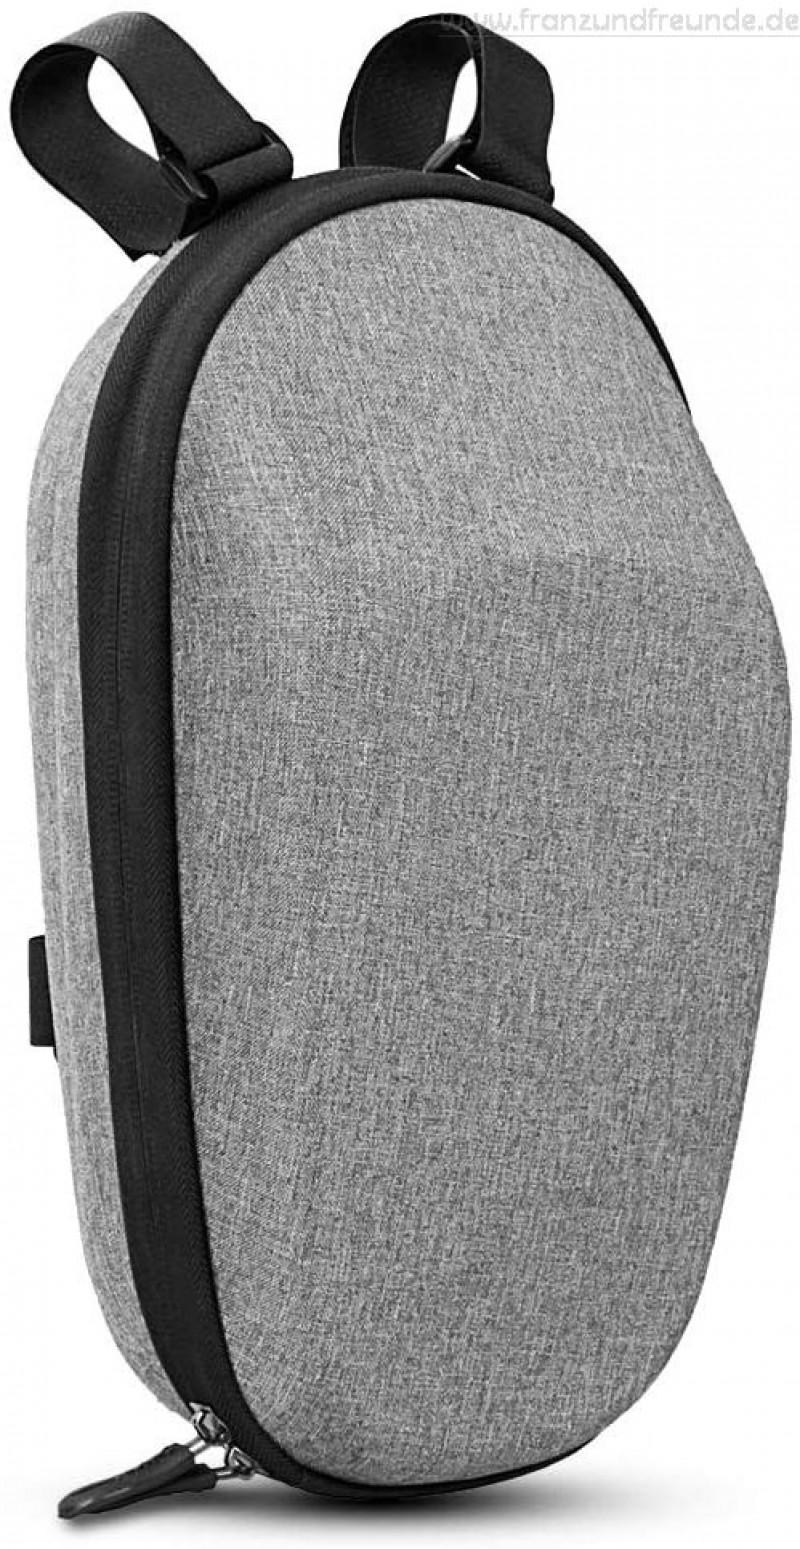 Lenkertasche Hardcase aus EVA Material, abschließbar